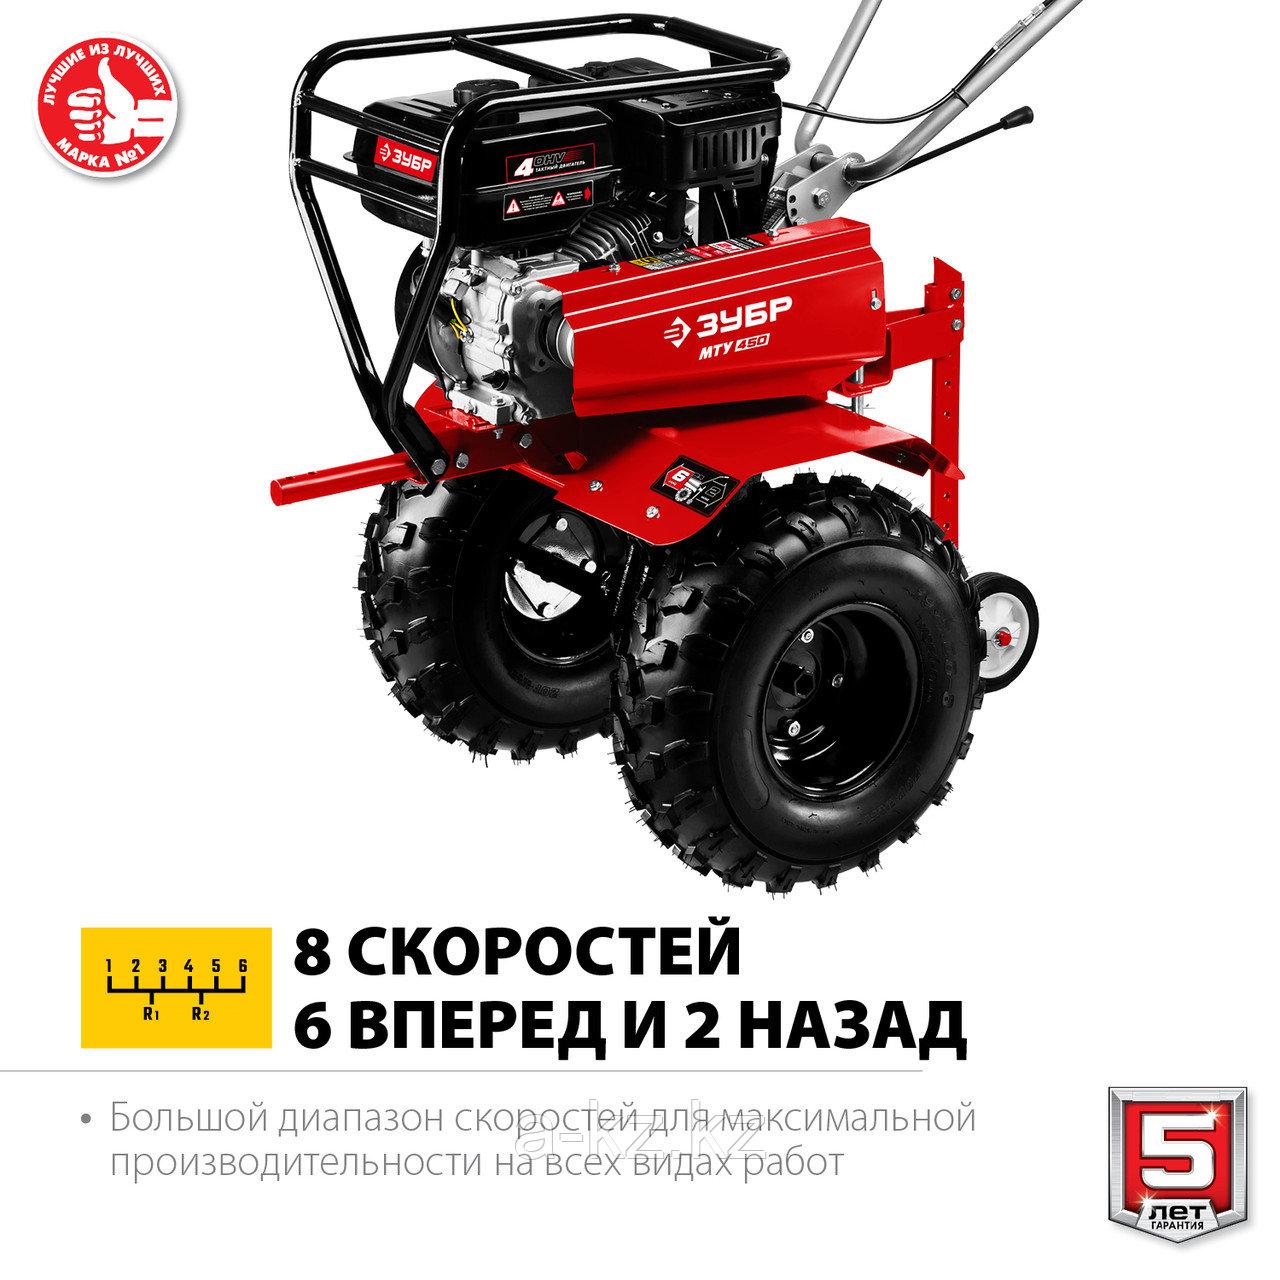 ЗУБР МТУ-450 мотоблок бензиновый усиленный, 212 см3 - фото 2